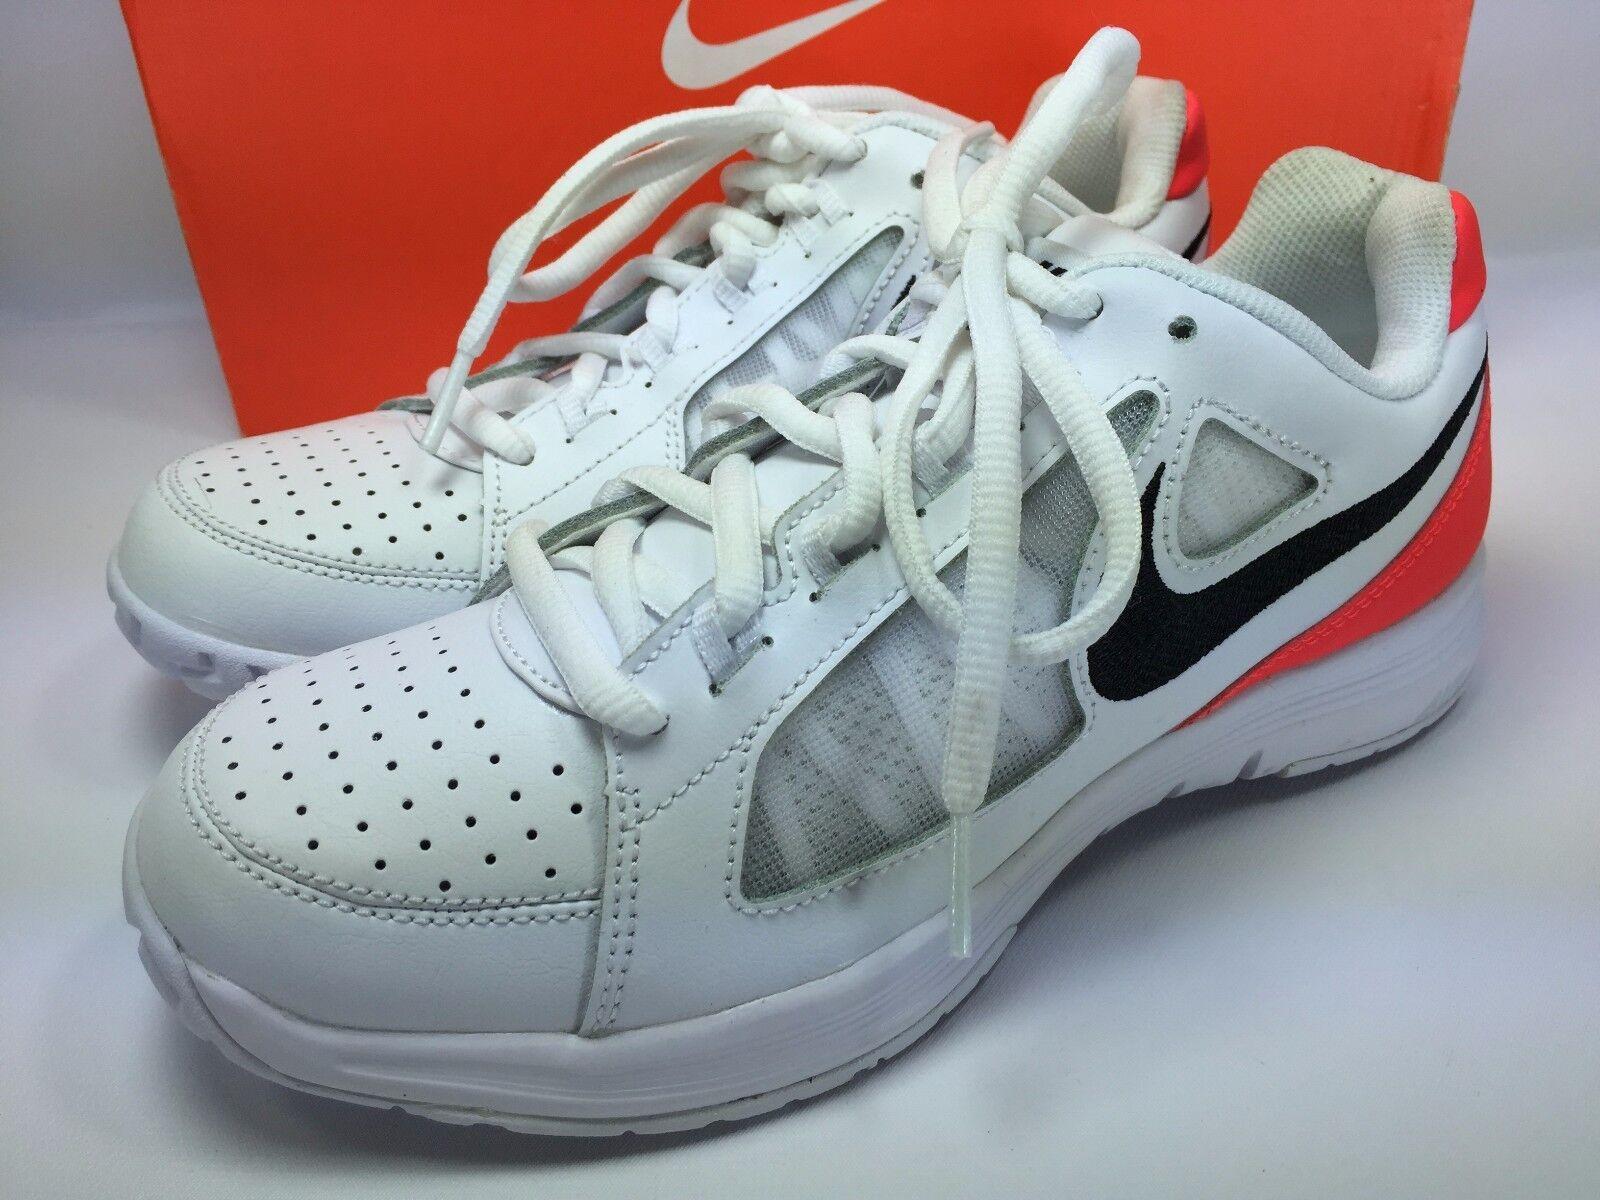 size 40 91944 74813 Nike Air Hombre blanco   negro Bright Crimson Crimson Crimson vapor Tenis  zapatillas zapato cómodo el Ace mas popular de zapatos para hombres y  mujeres ...